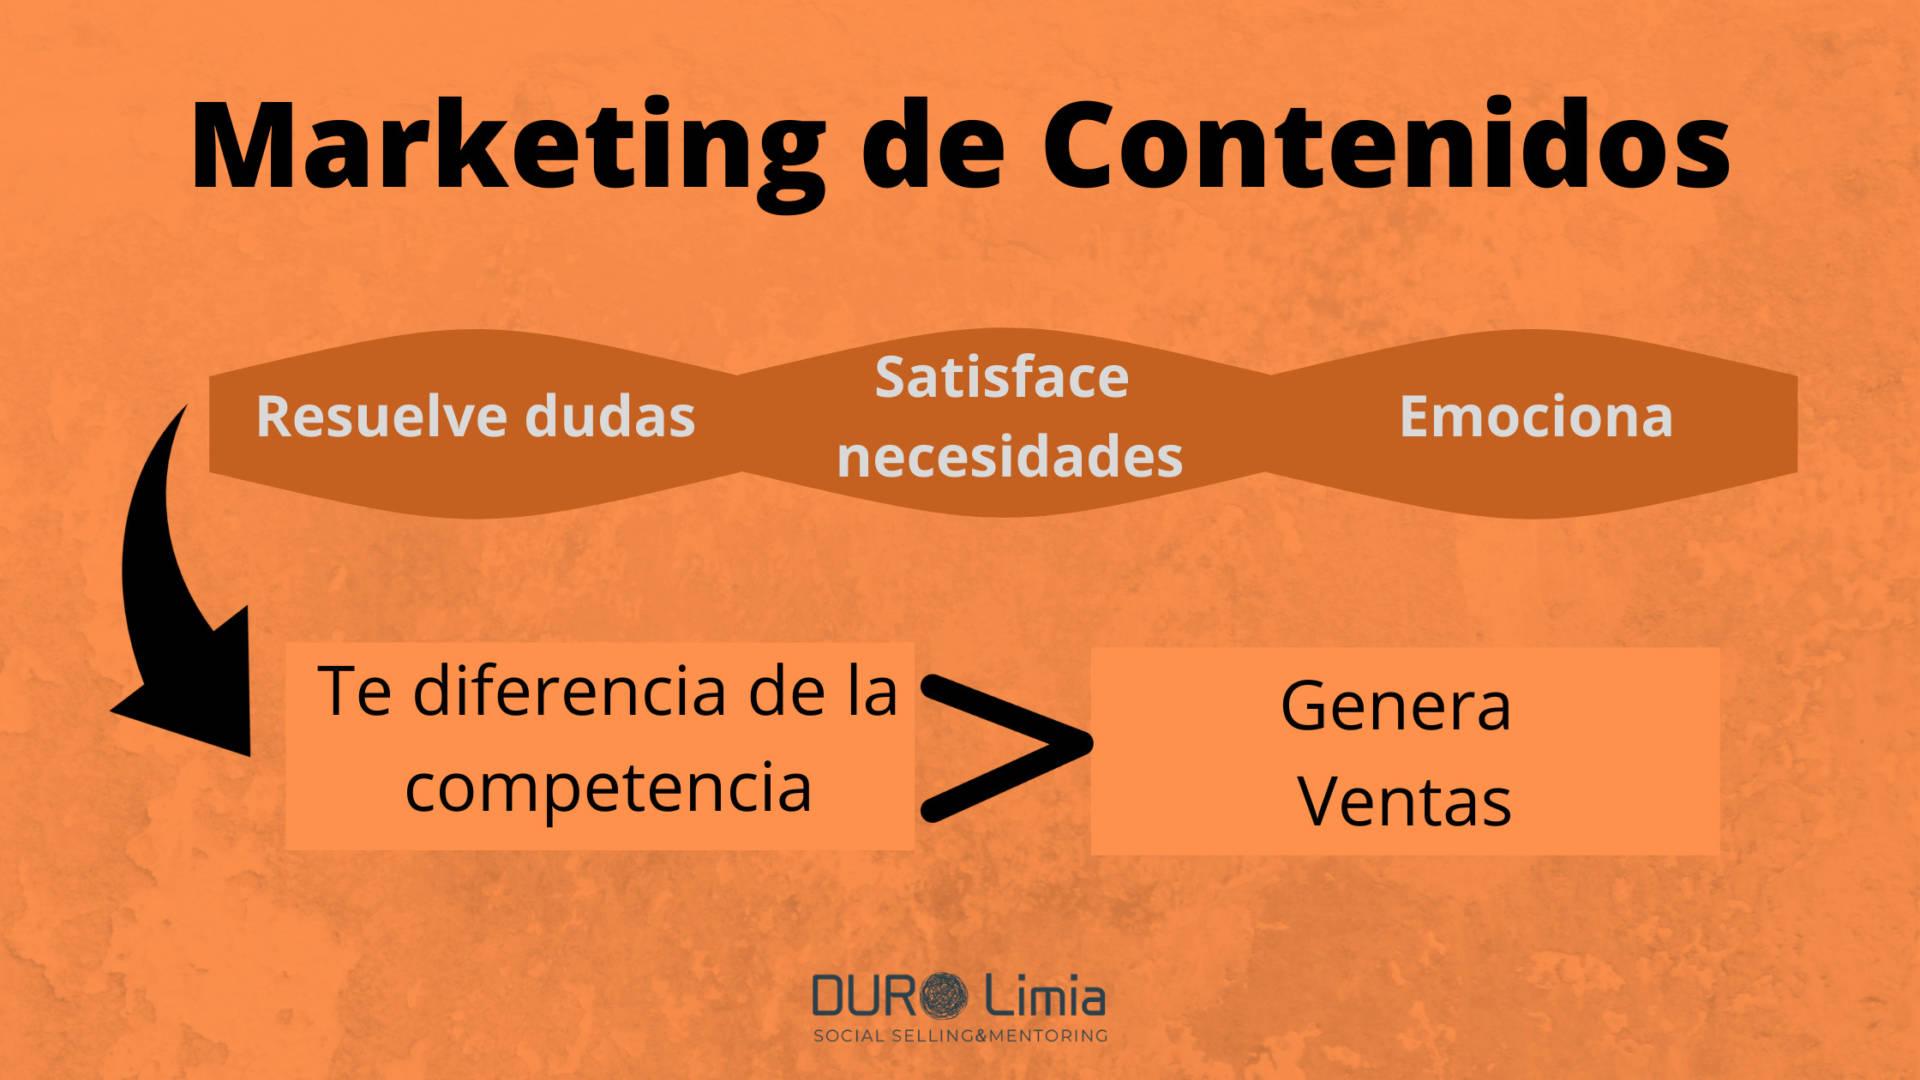 el marketing de contenidos genera ventas